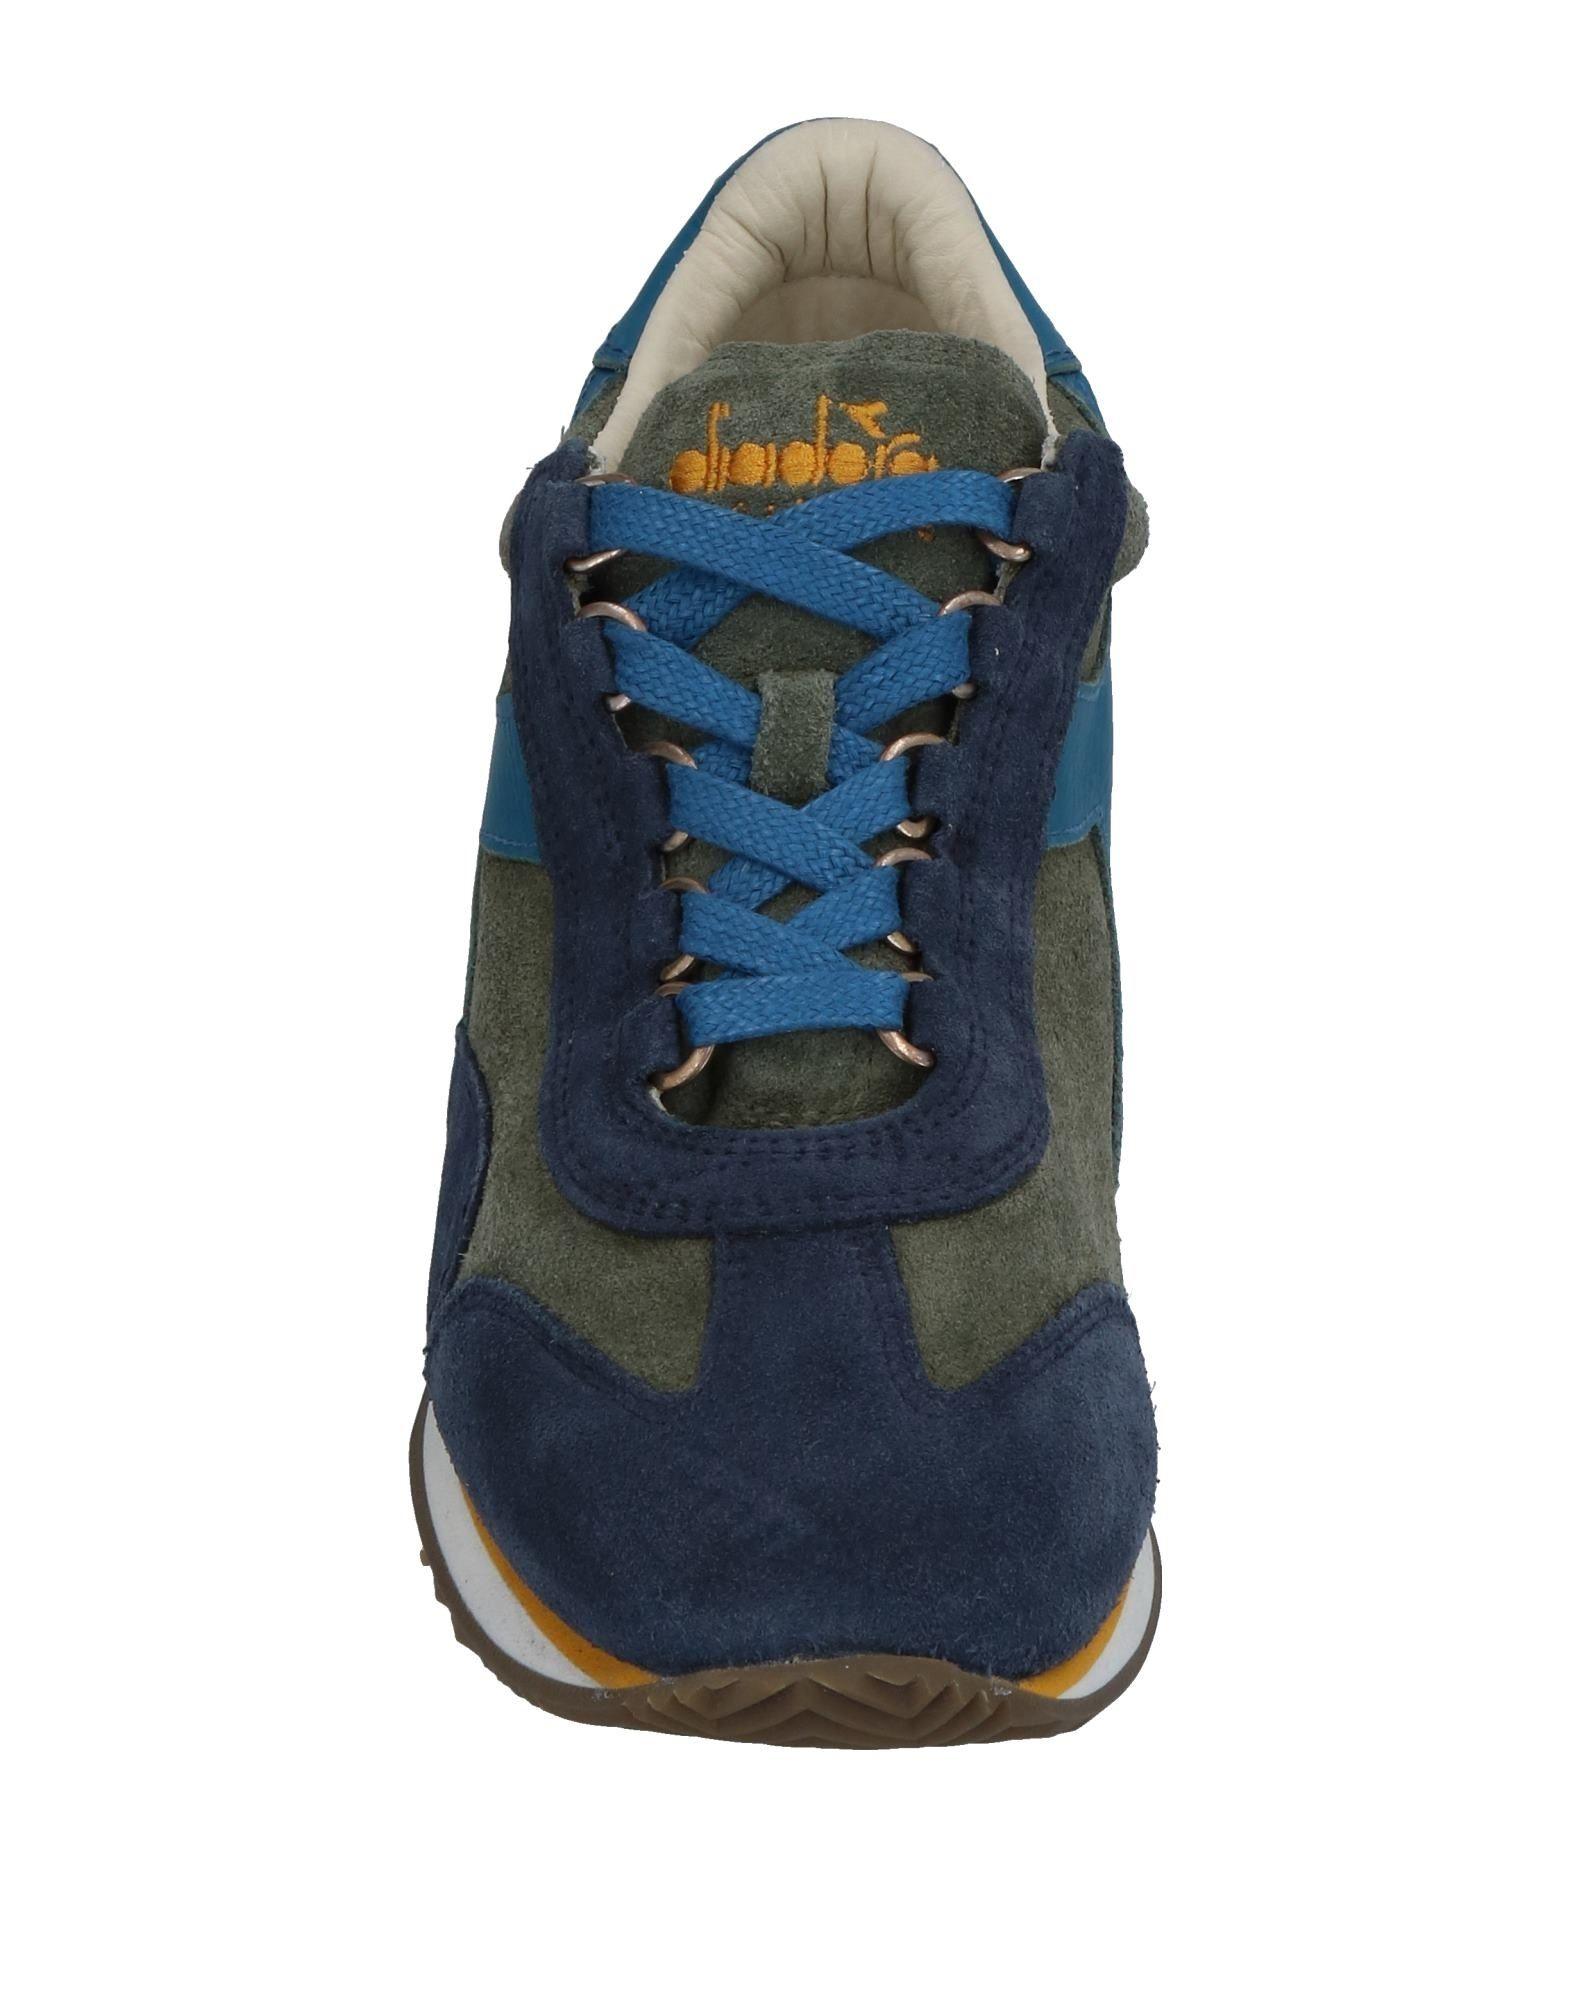 Diadora Heritage Sneakers Damen beliebte  11385050ML Gute Qualität beliebte Damen Schuhe 9bd645